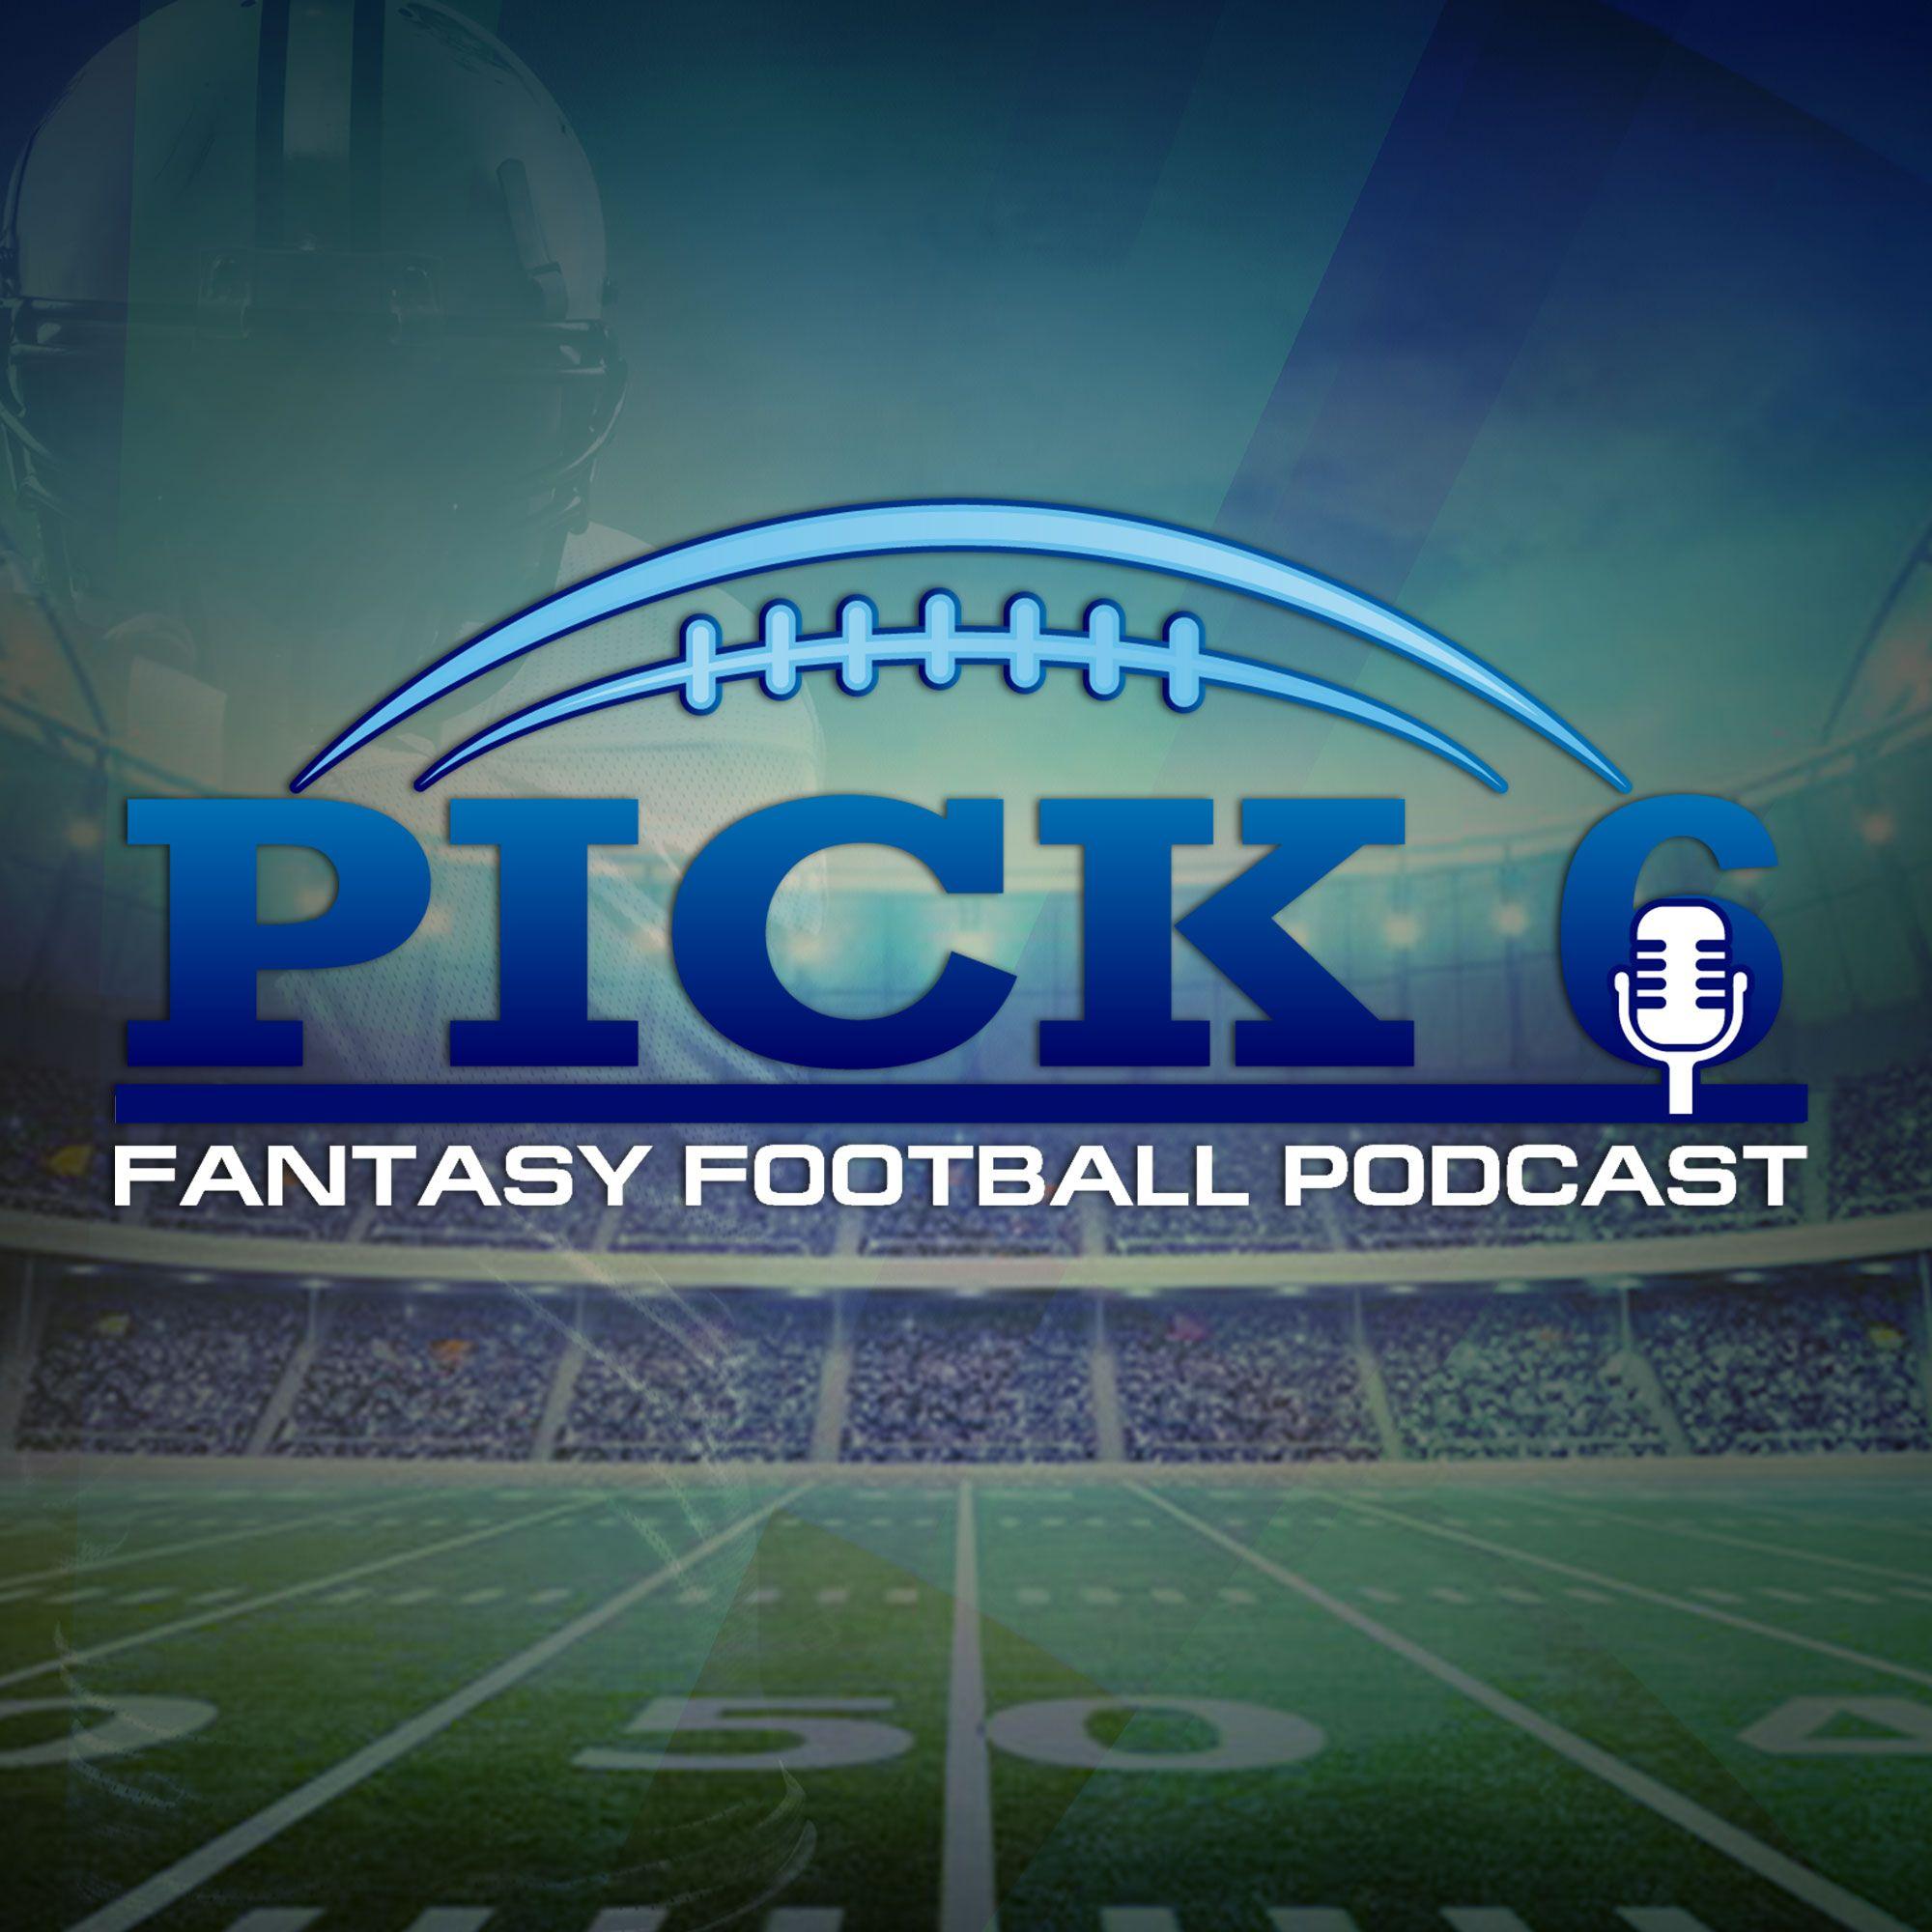 NFL Week 11 Pick 6 Episode - (DFS Show - Draft Kings & Fanduel)